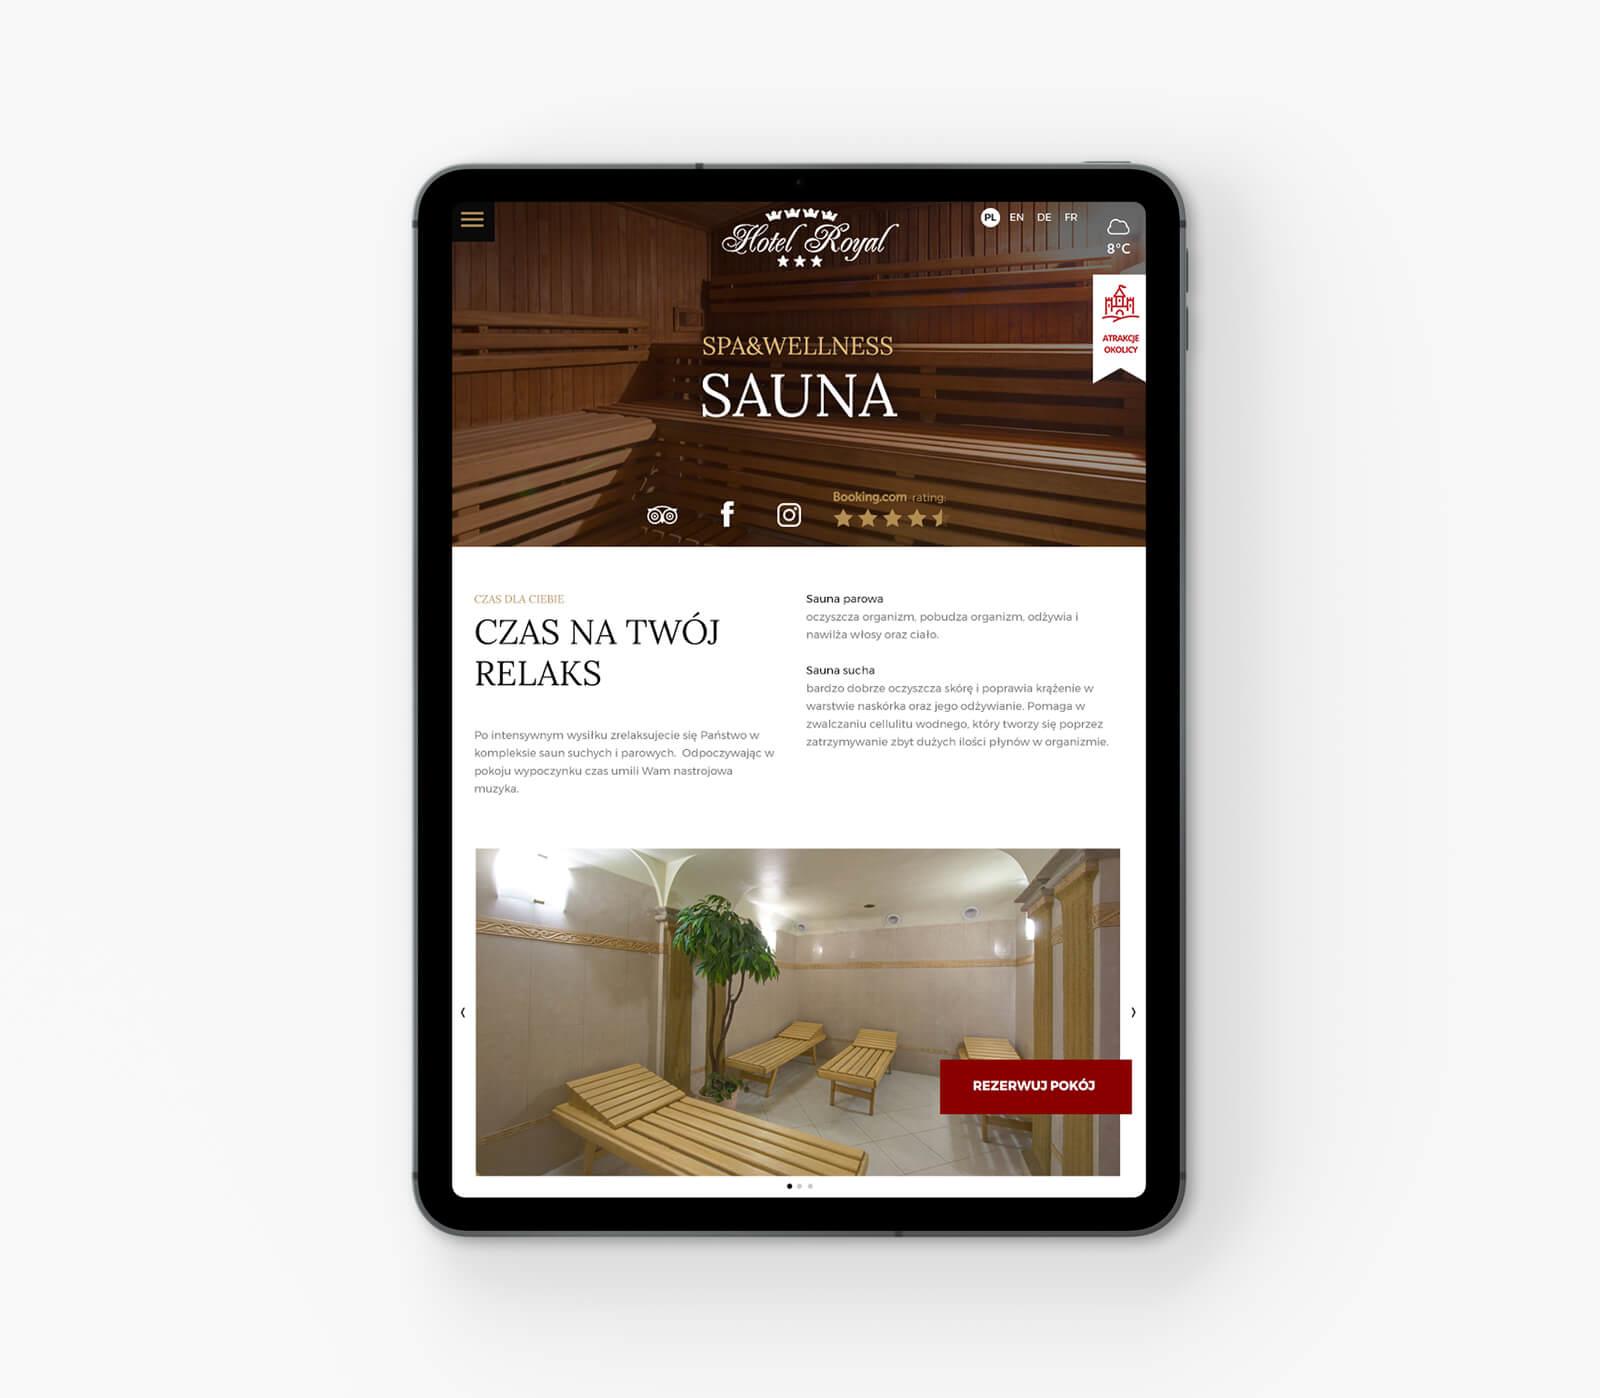 Widok responsywnego układu nowej strony internetowej Hotel Royal Gliwice, Śląsk.